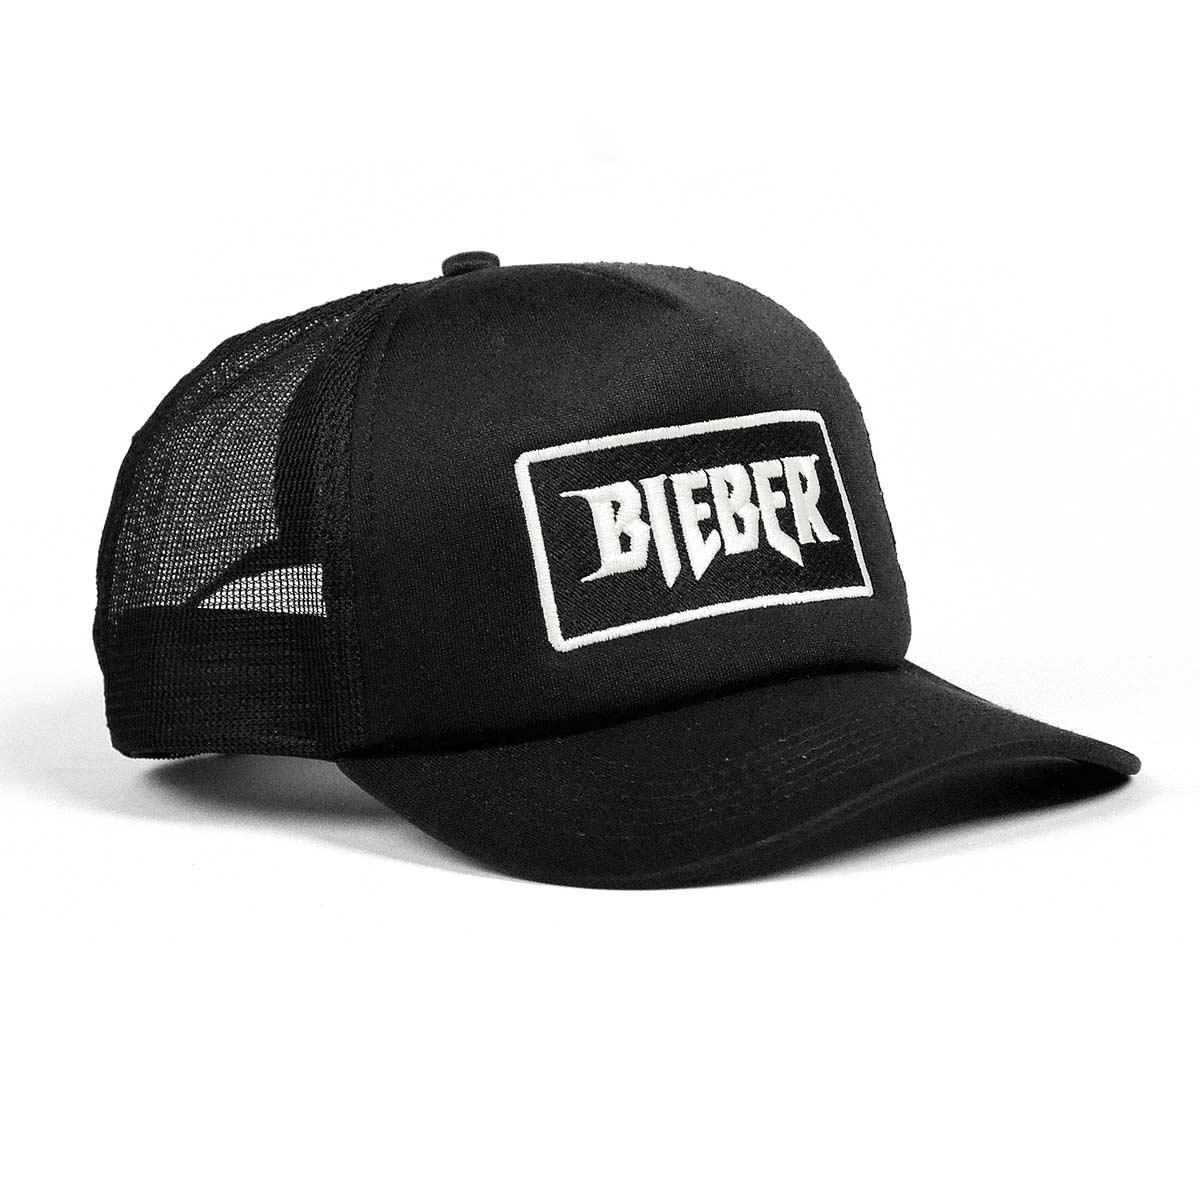 3dbf5810f1b62 Boné Trucker Justin Bieber